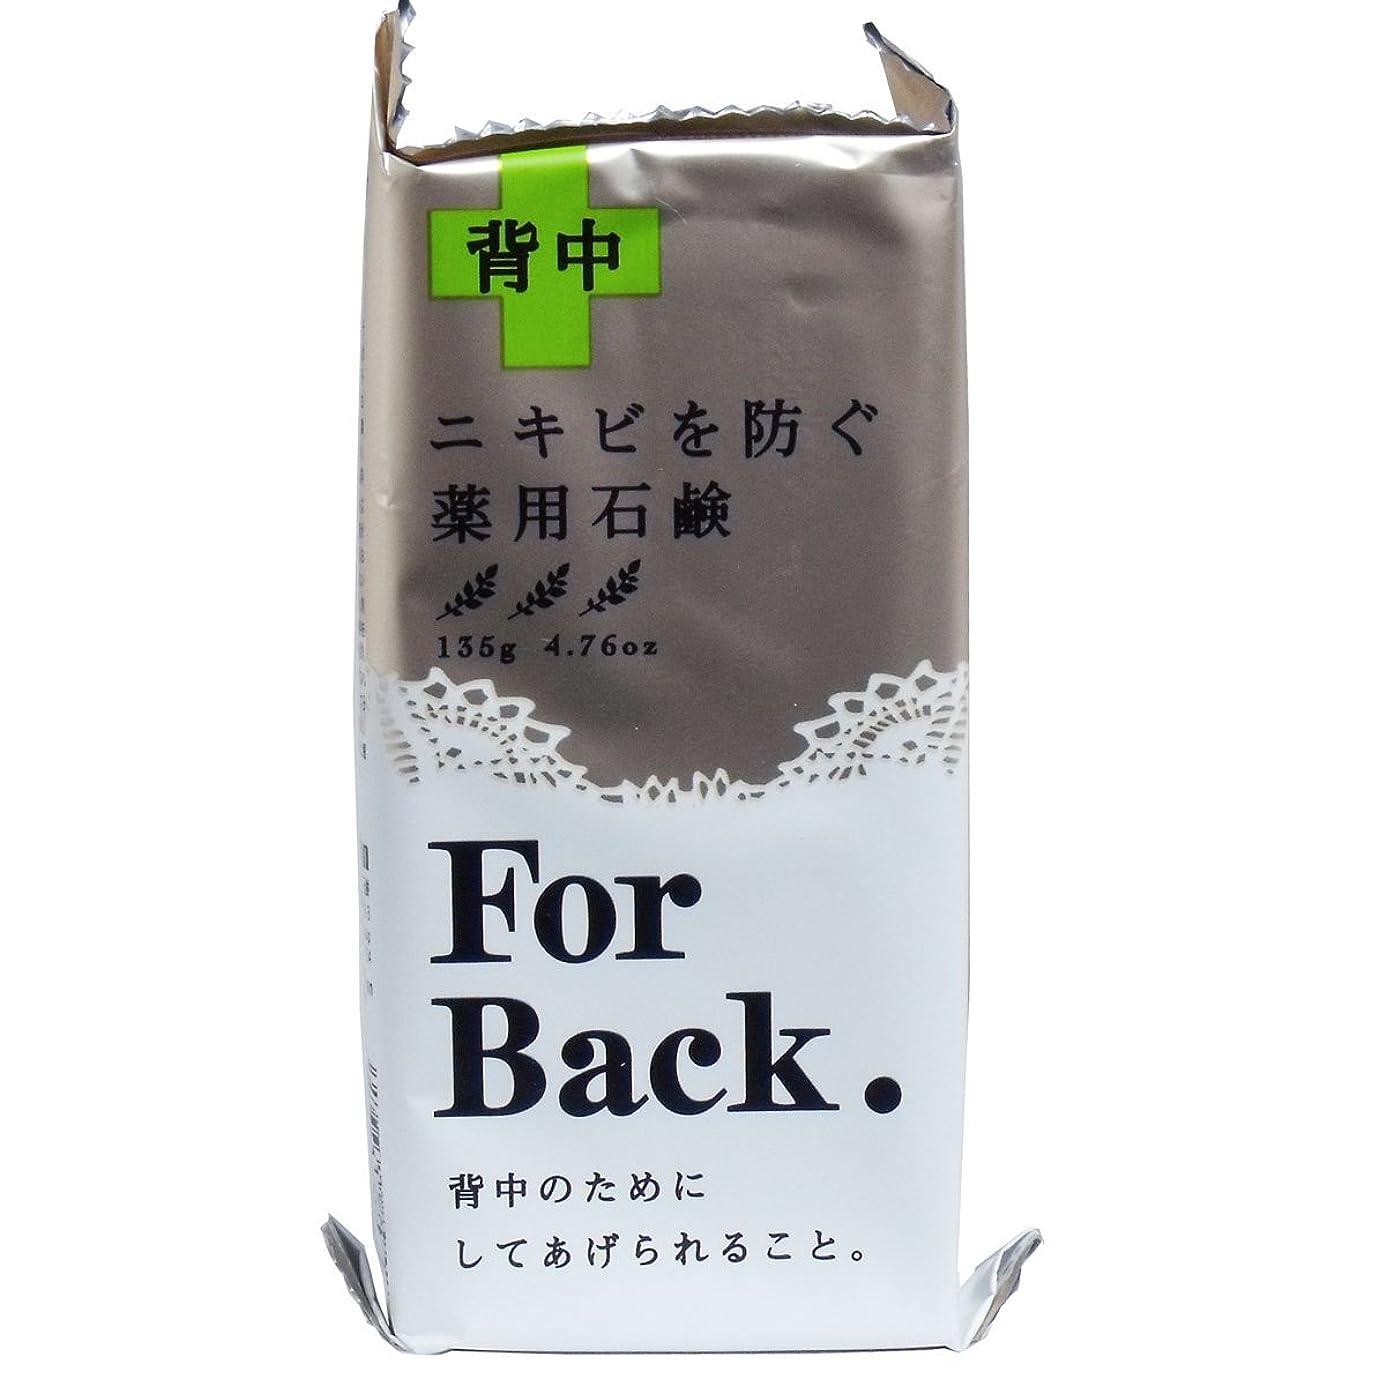 完全に合理化増加する薬用石鹸ForBack 135g × 7個